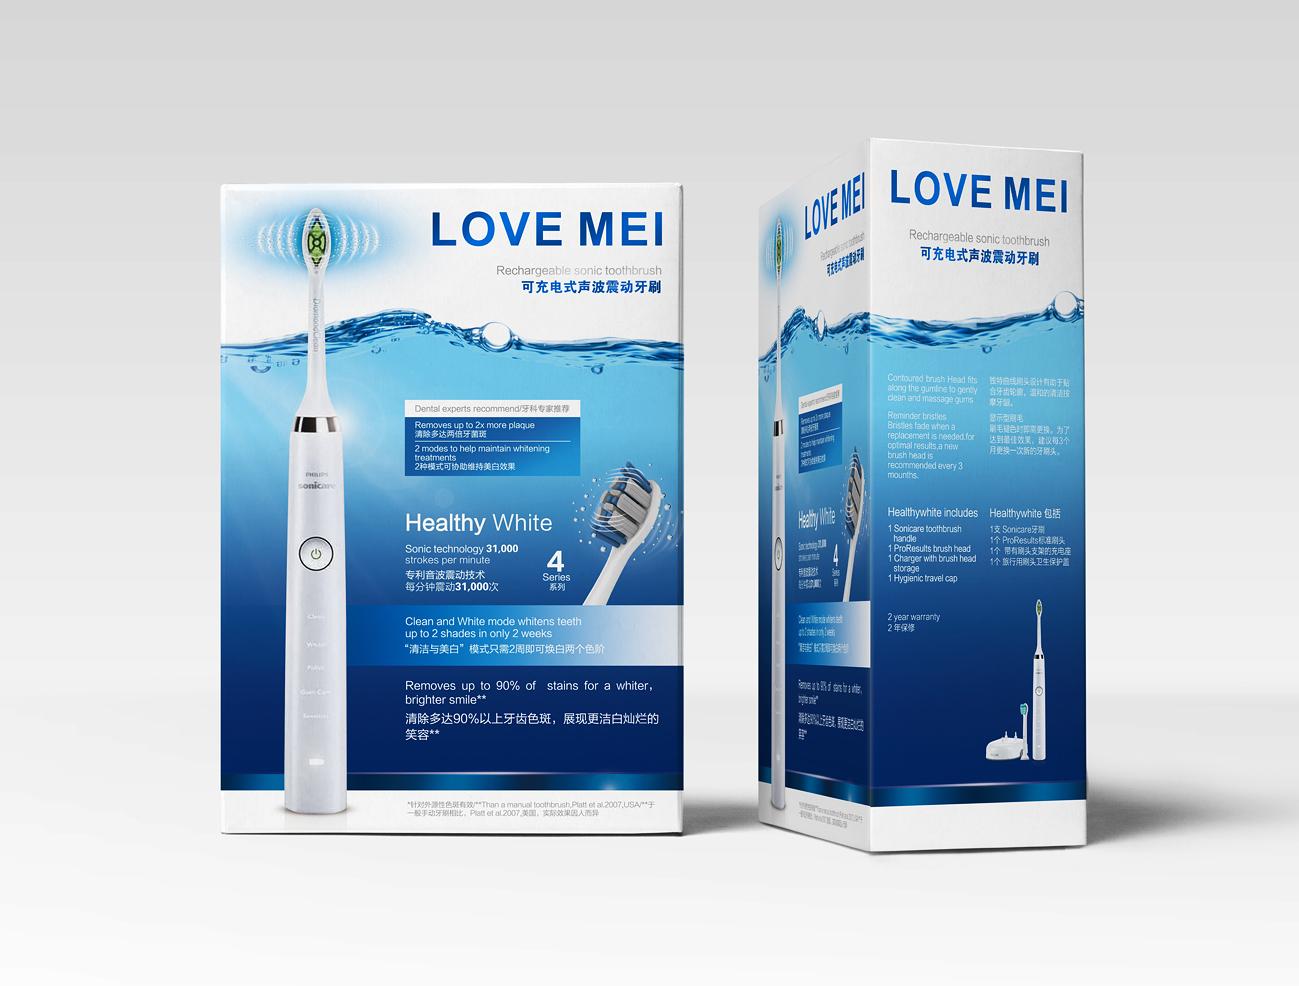 电动牙刷包装设计案例赏析